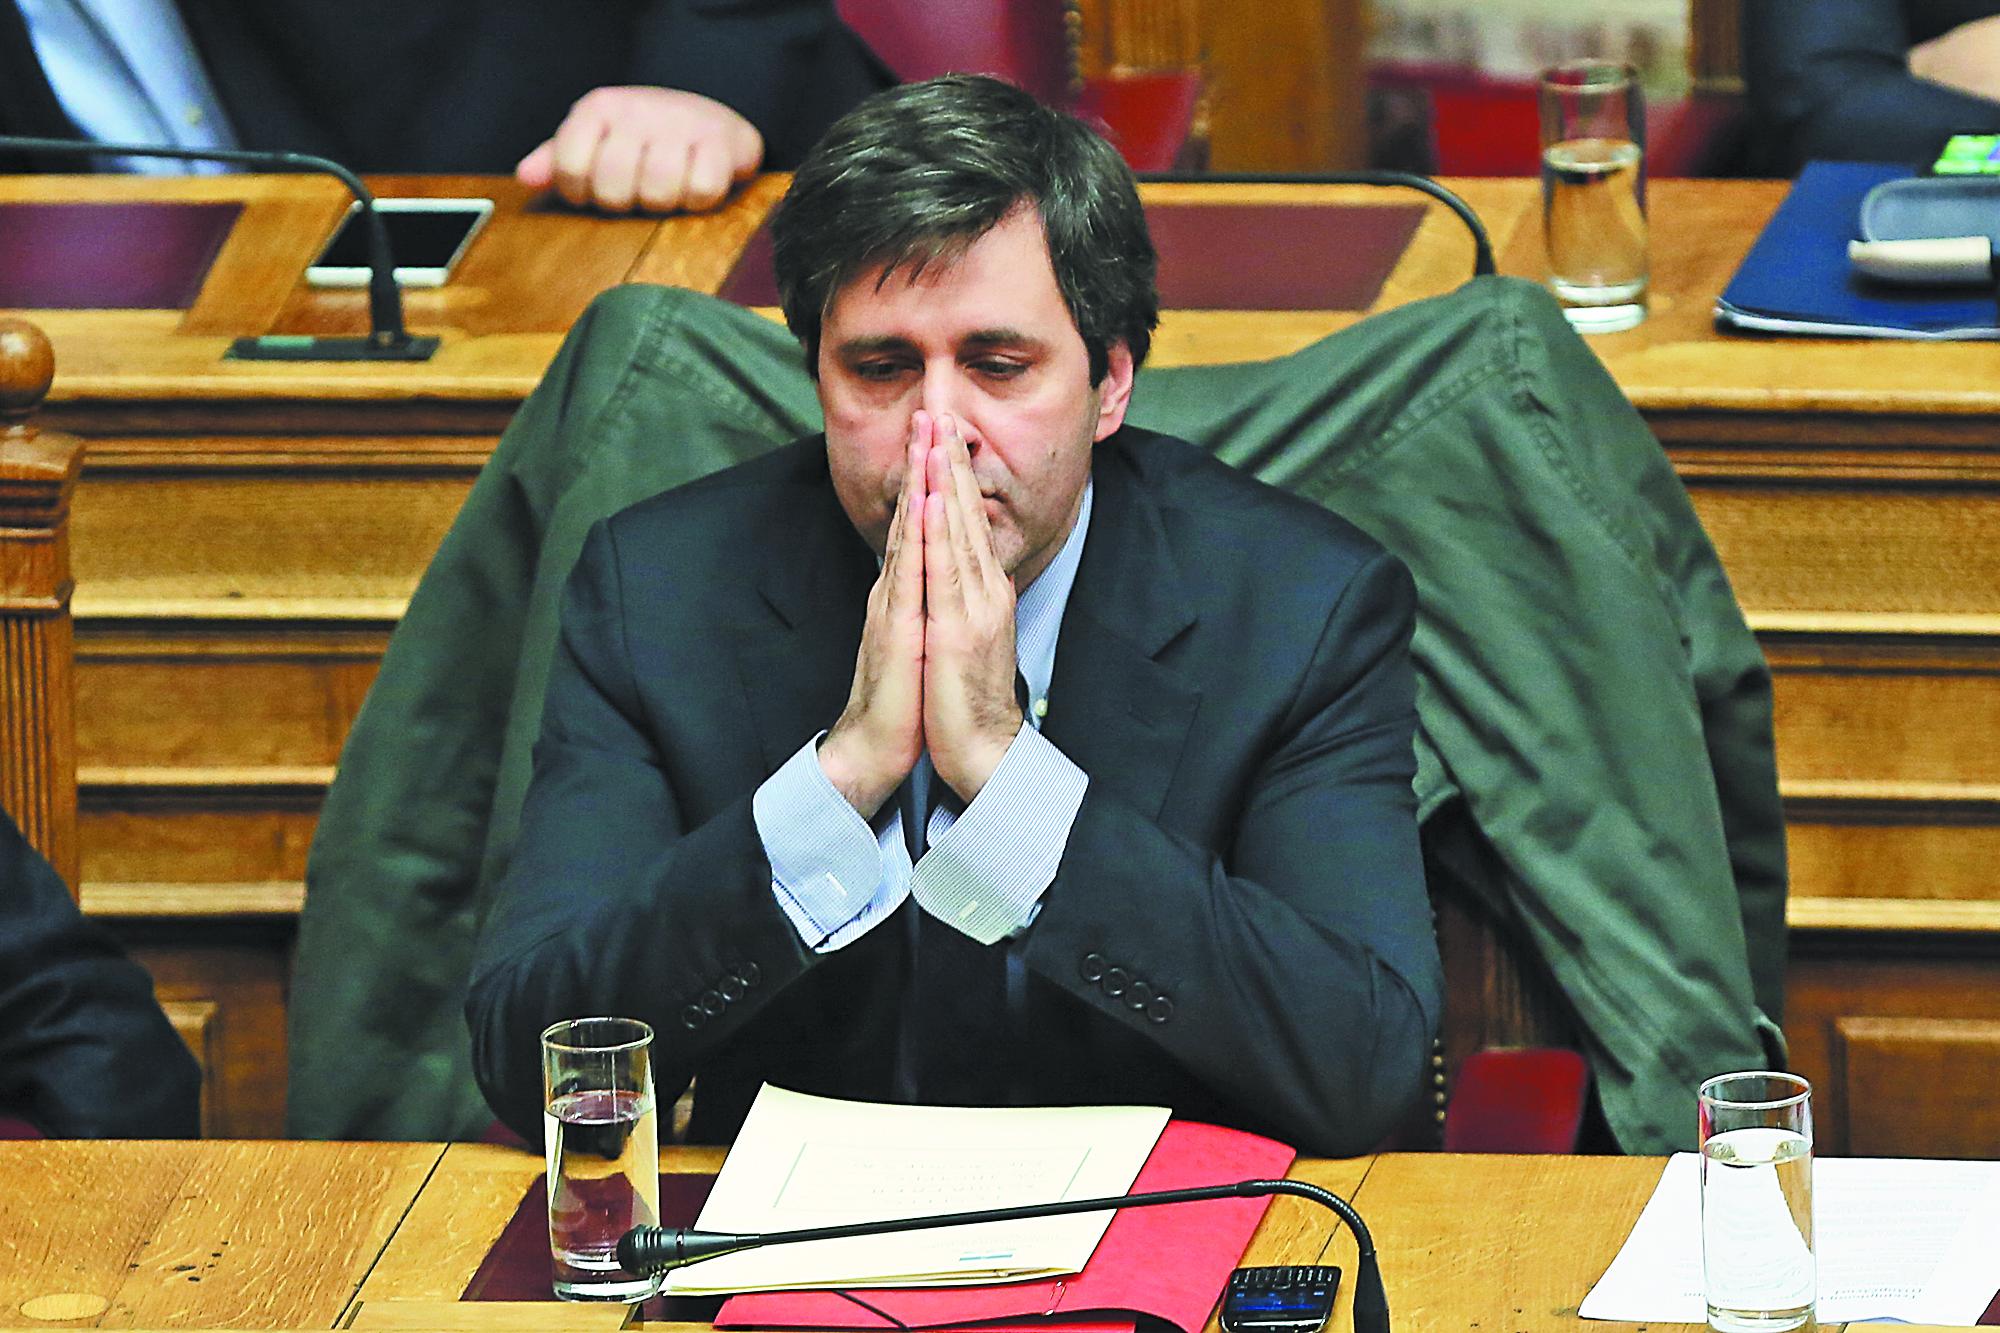 Στα βαθιά της διαπραγμάτευσης από την Τρίτη με συζήτηση για περικοπές επιδομάτων | tovima.gr